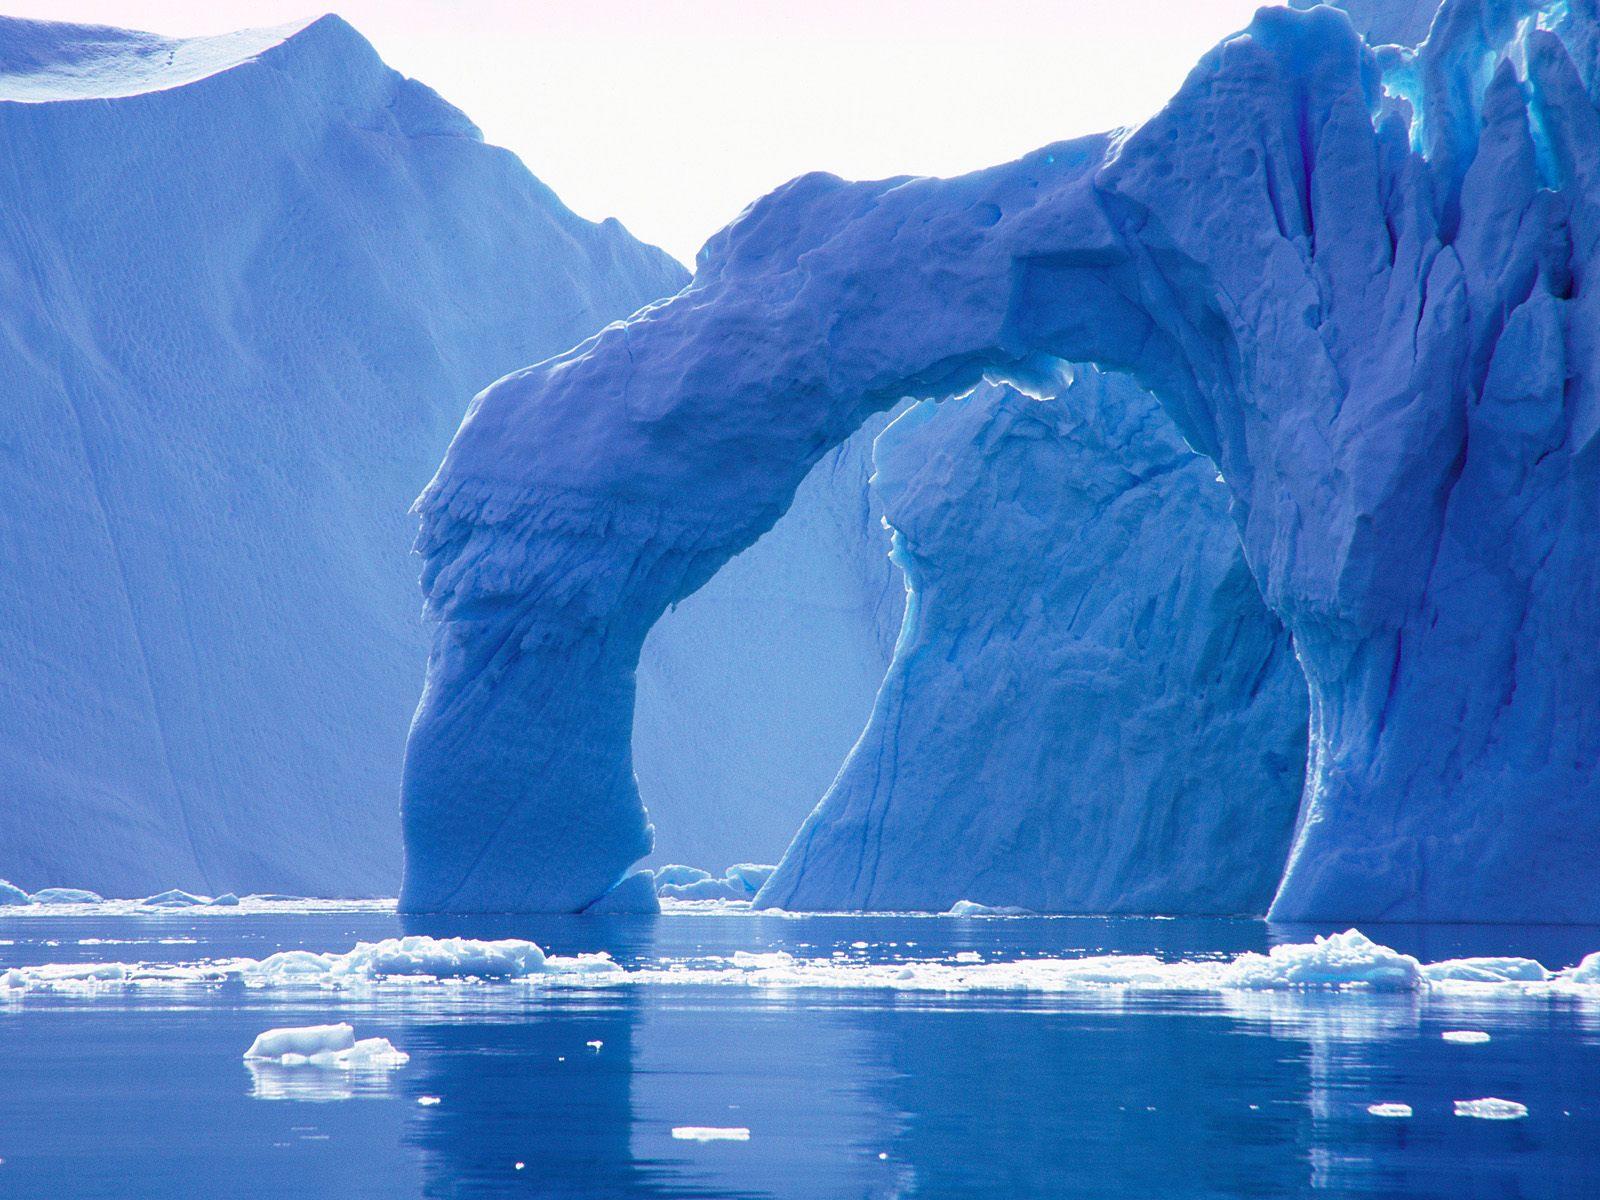 Groenlandia: Scioglimento Ghiacciai